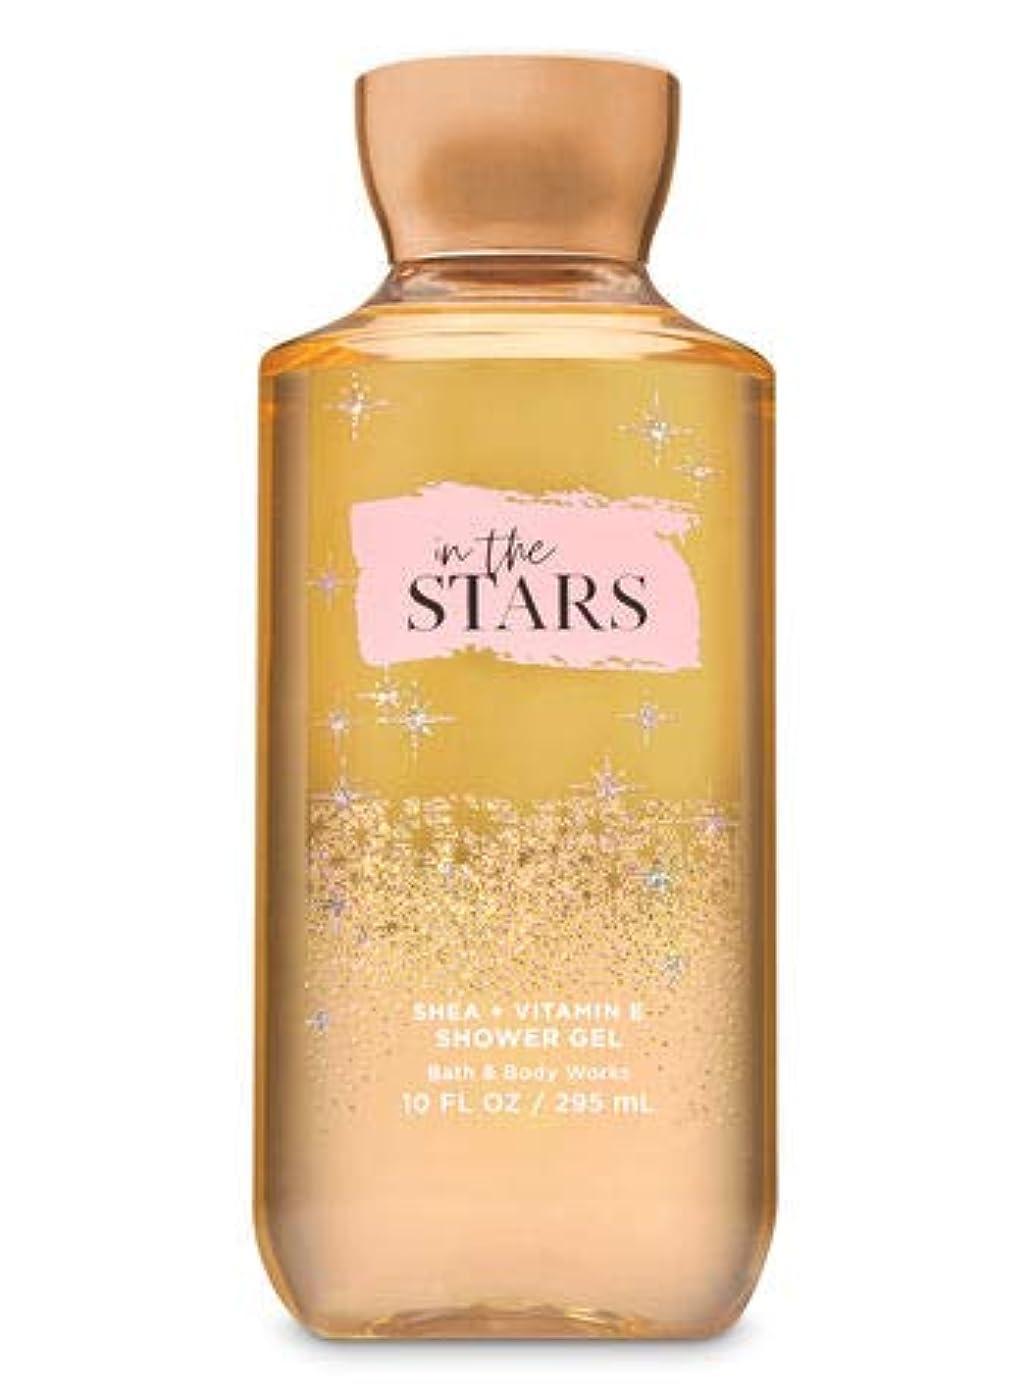 文句を言うコカイン順応性【Bath&Body Works/バス&ボディワークス】 シャワージェル インザスターズ Shower Gel in the Stars 10 fl oz / 295 mL [並行輸入品]